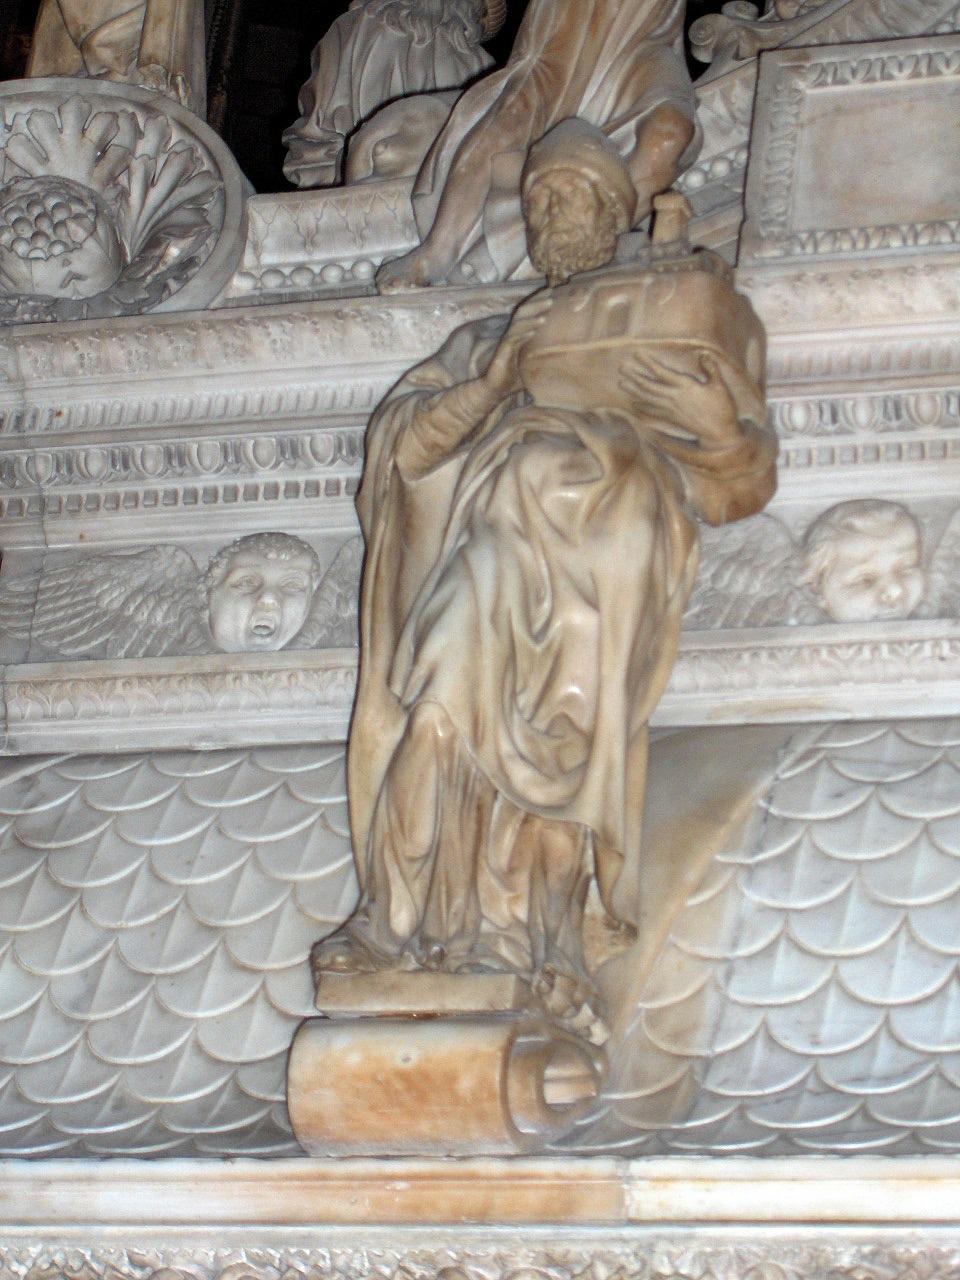 圣多明尼克像 意大利 米开朗基罗 雕塑